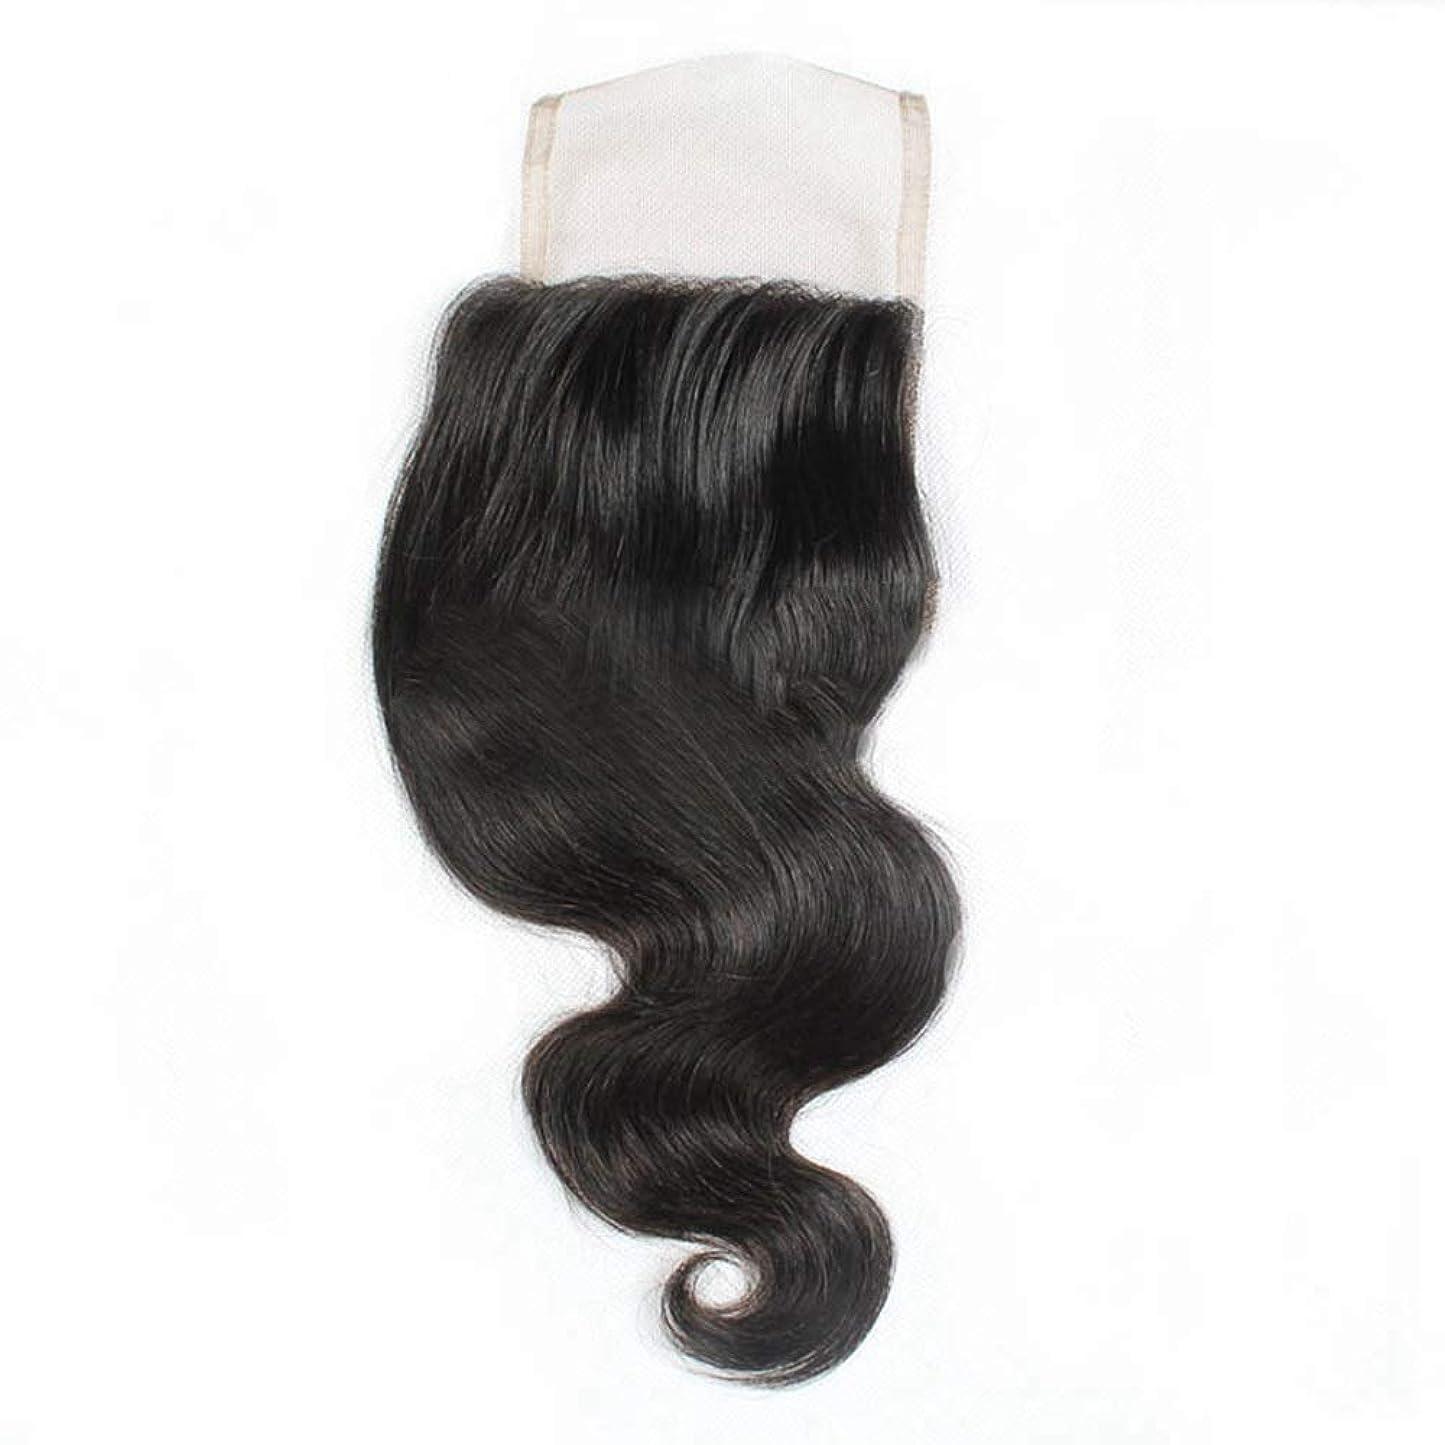 ビジネス姿を消すマークダウンBOBIDYEE 9aブラジル人毛フリーパート4 * 4レース前頭閉鎖ボディウェーブヘアロールプレイングかつら女性のかつら (色 : 黒, サイズ : 14 inch)